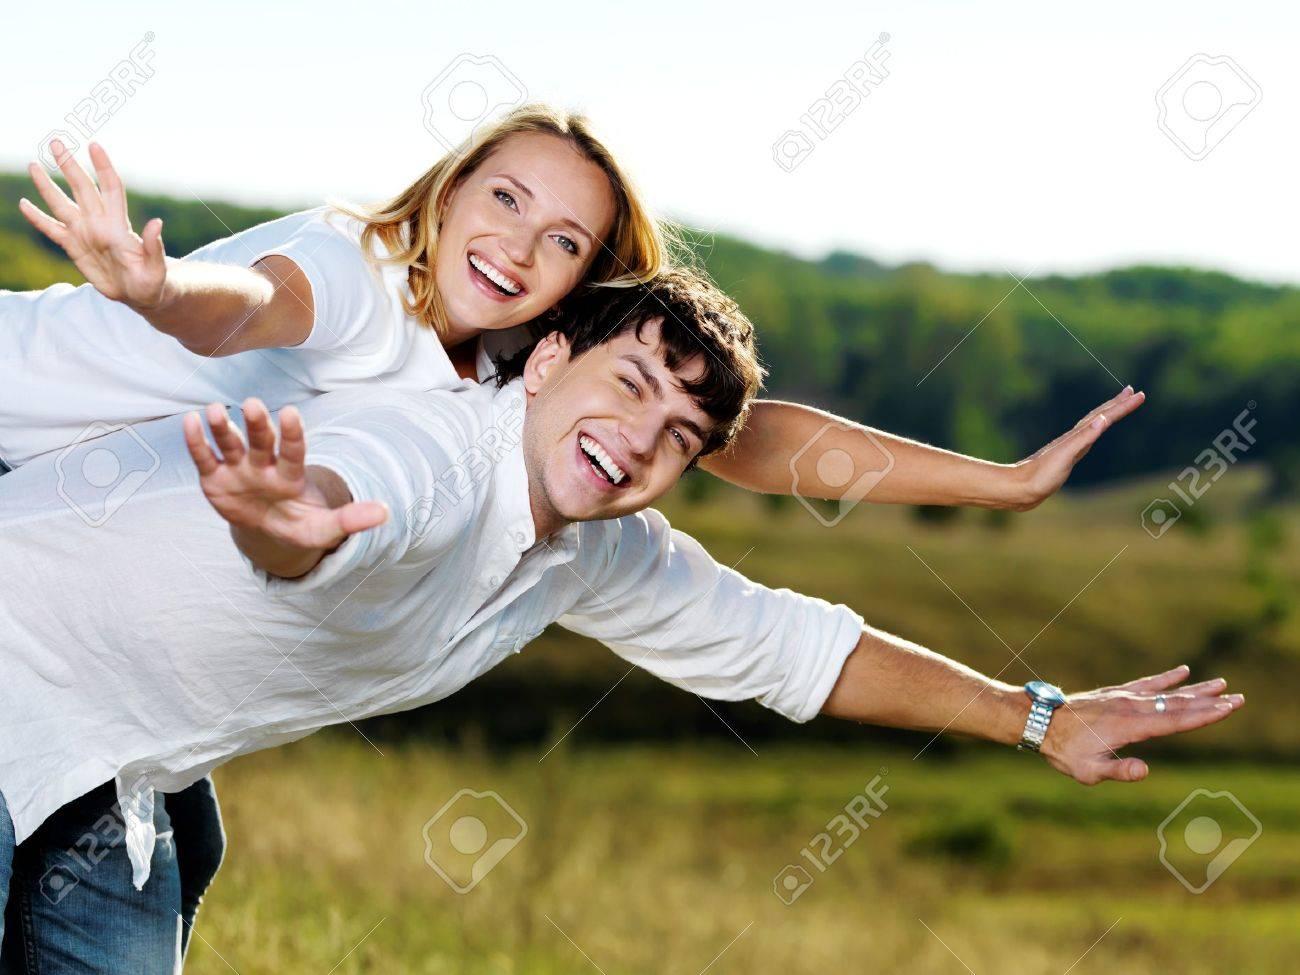 Услуги семейным парам санкт петербург 17 фотография